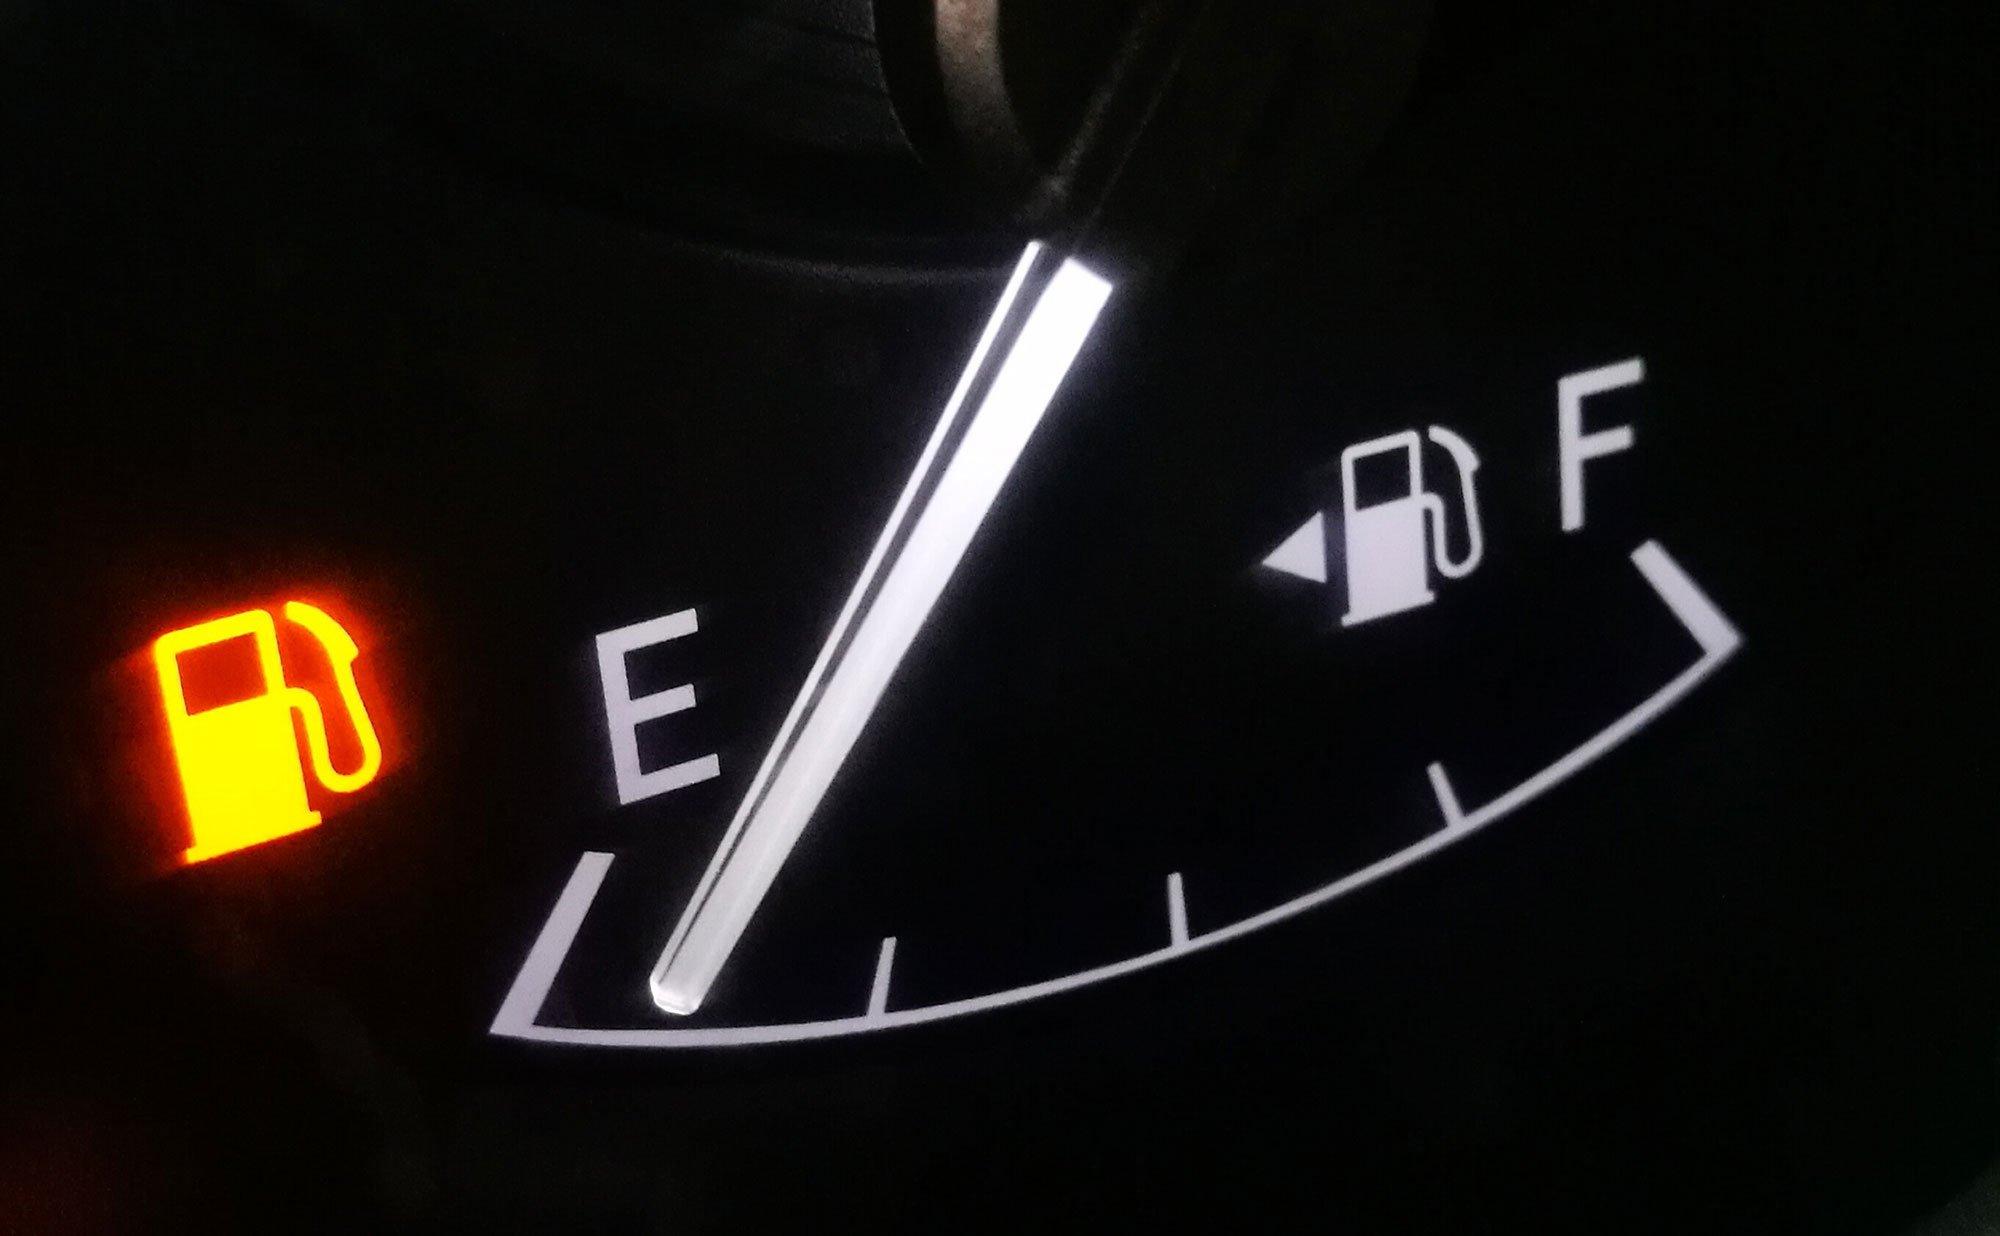 El Futuro del Transporte cover image